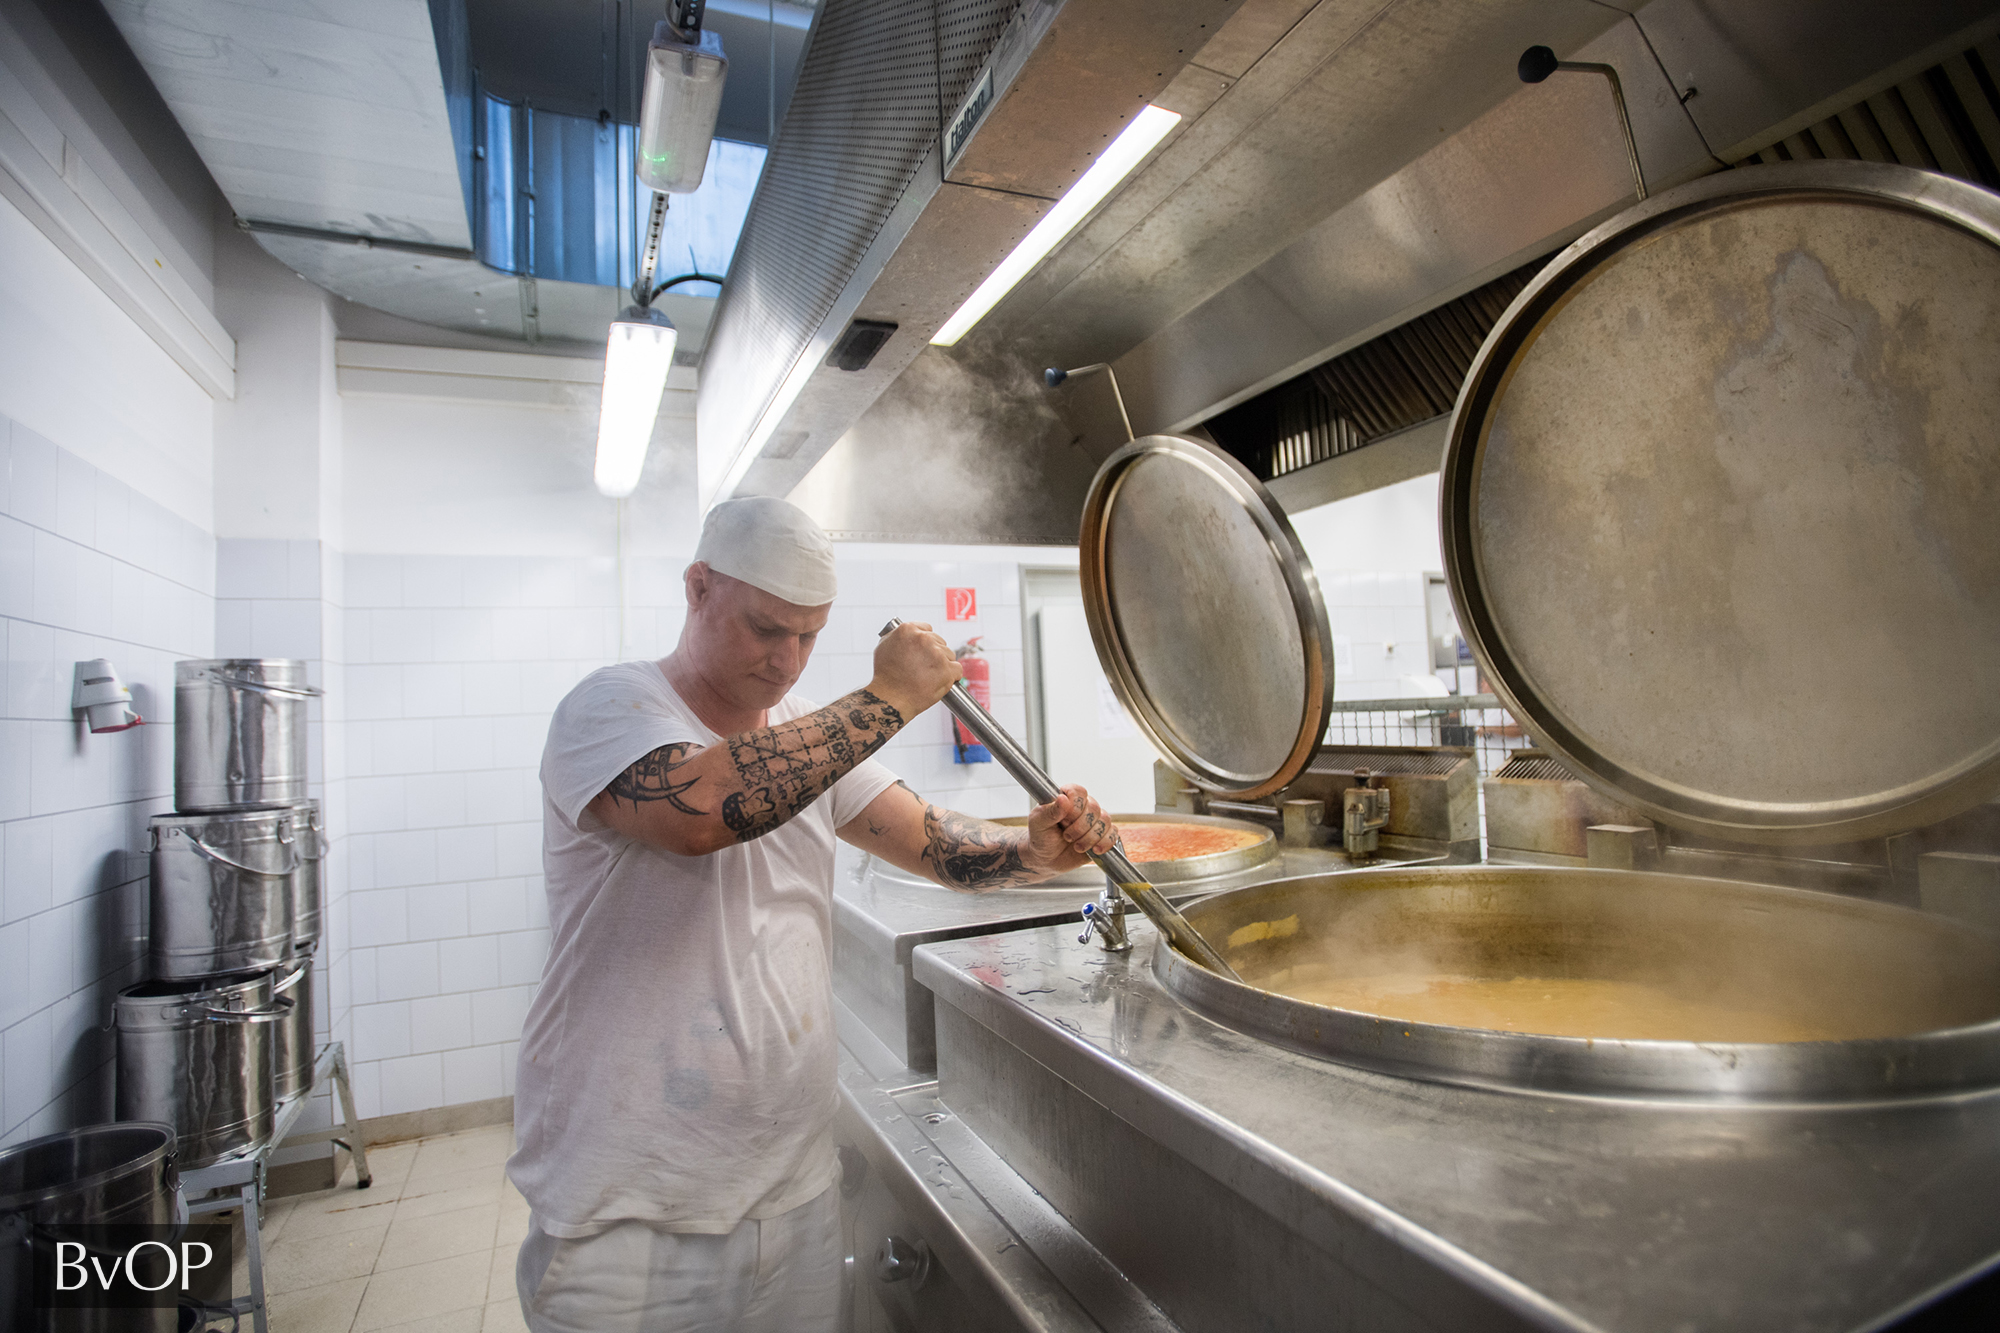 Fogvatartottak főznek saját maguknak a börtönkonyhán